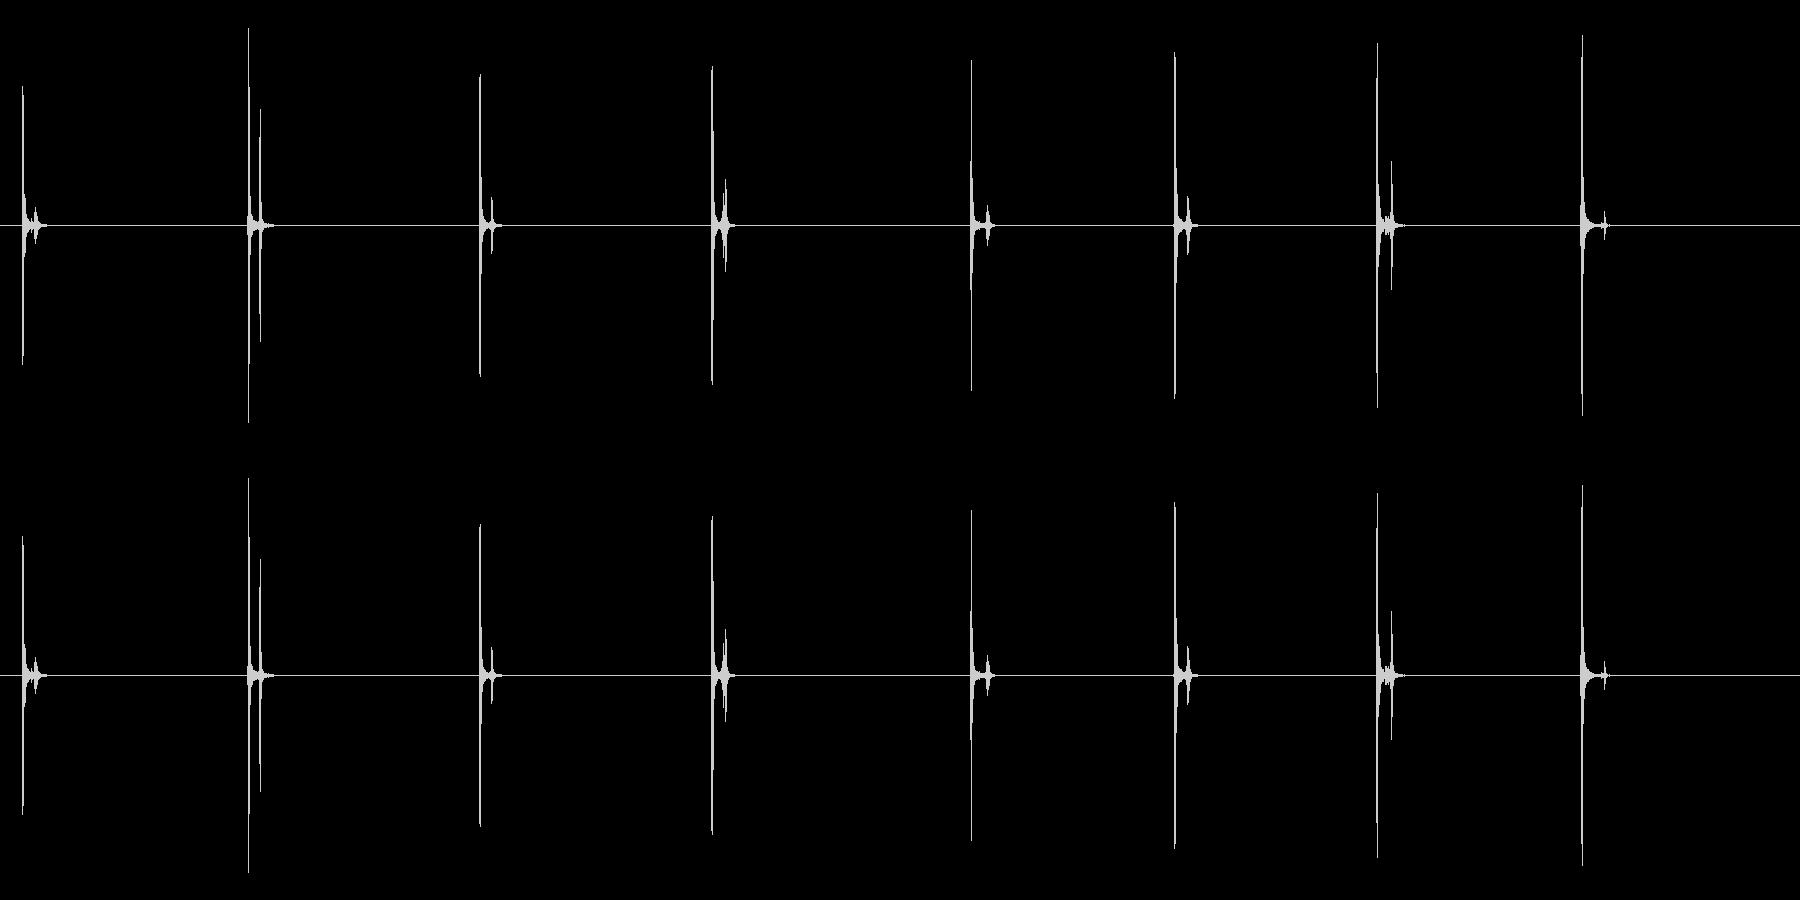 PC キーボード04-05(単発 強)の未再生の波形